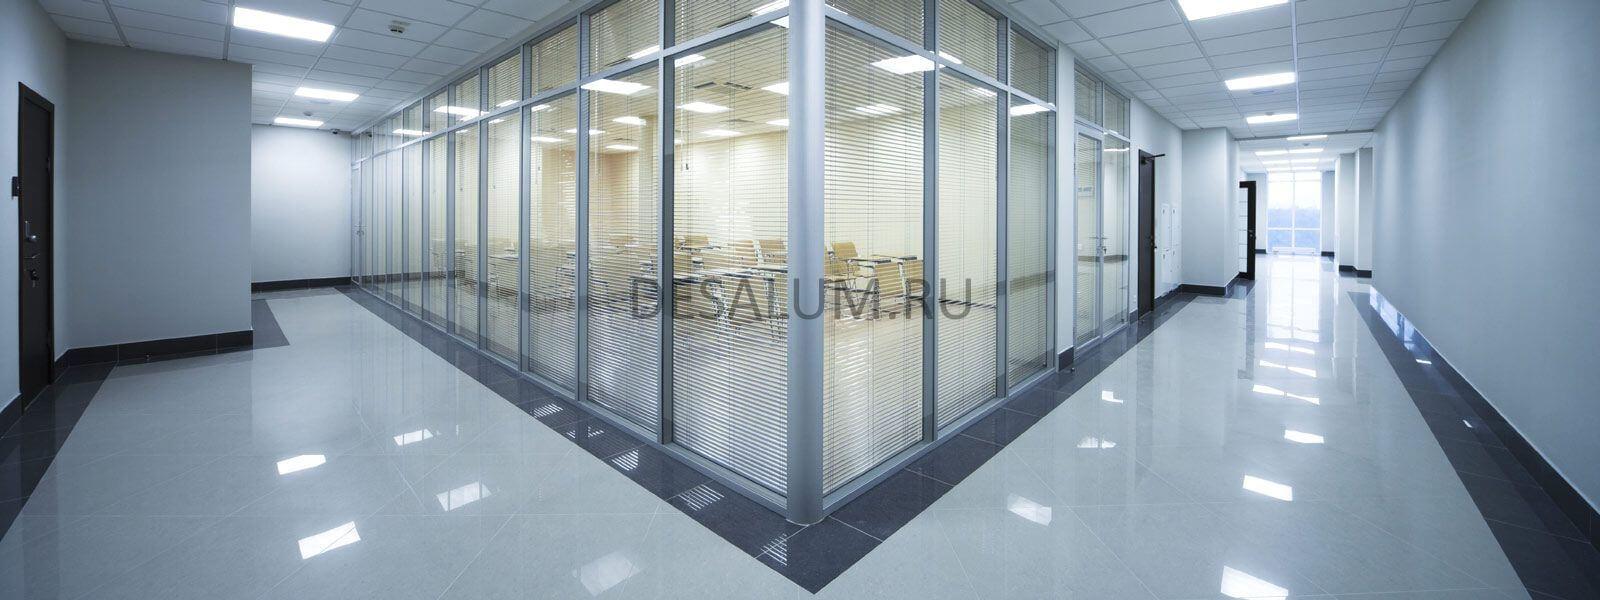 пластиковые перегородки с дверью desalum